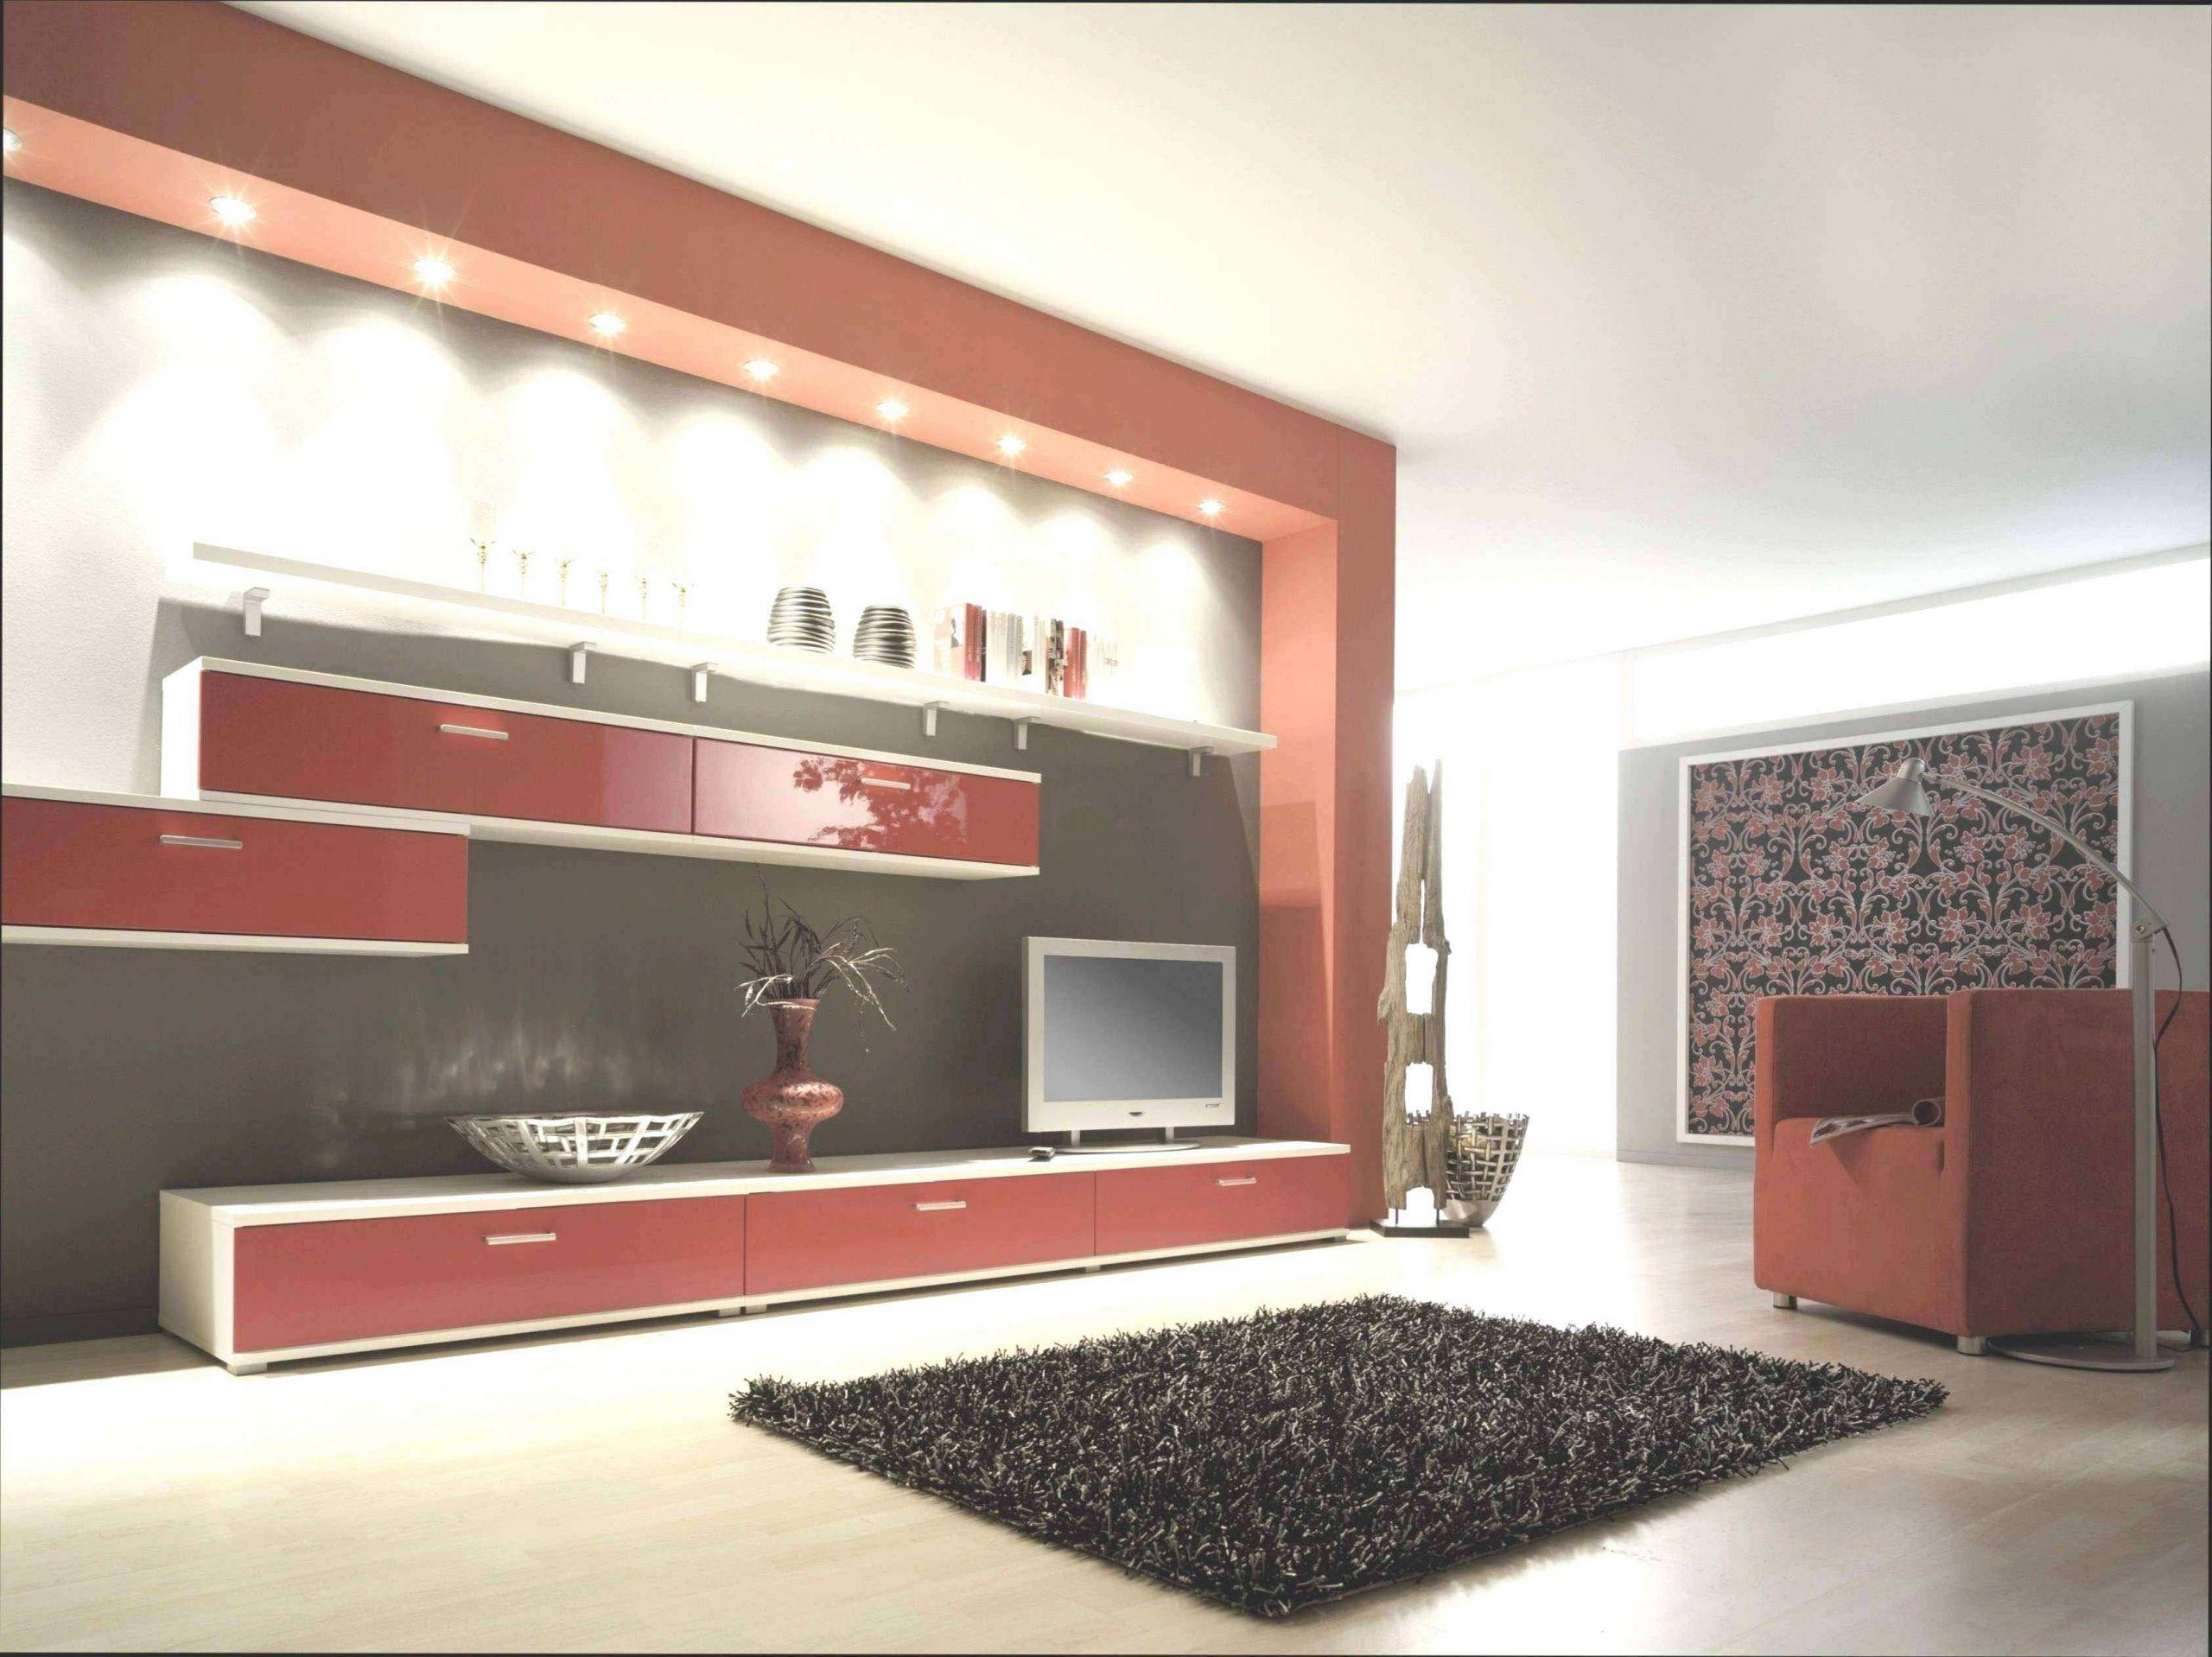 45 schon holz deko fur drausen bild konzept von leinwandbilder fur wohnzimmer of leinwandbilder fur wohnzimmer